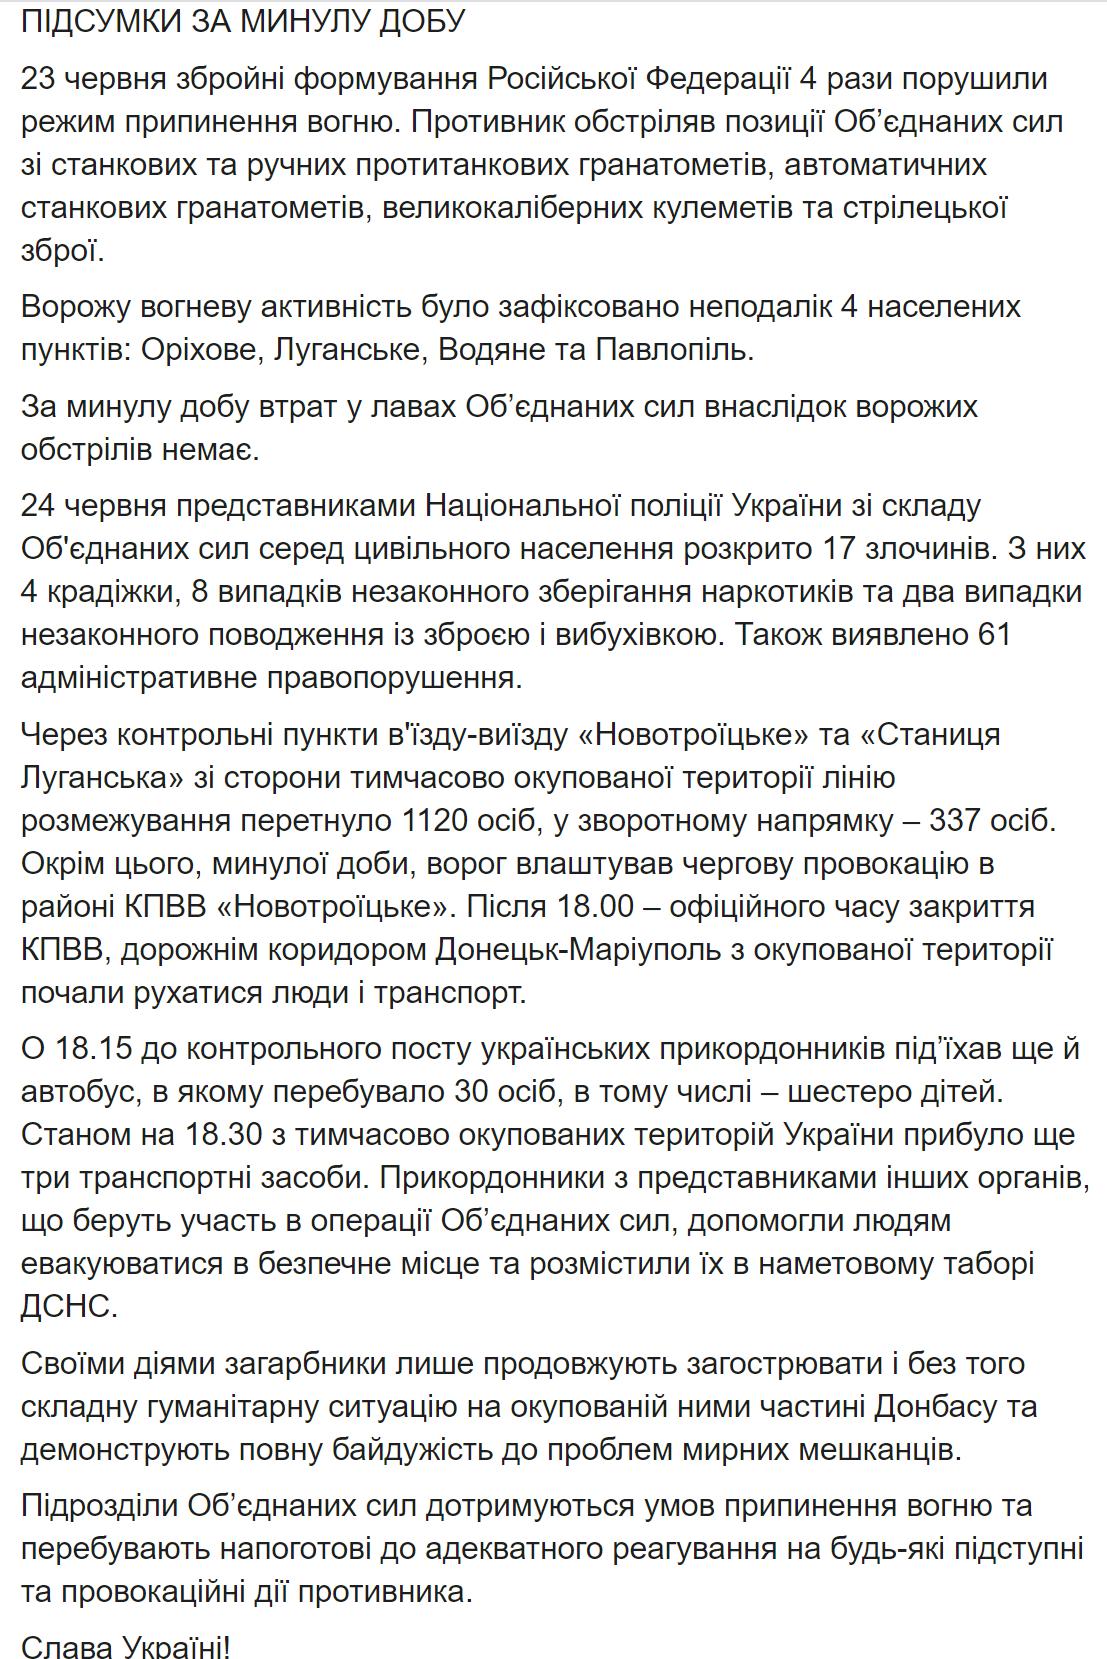 Пост пресс-службы ООС